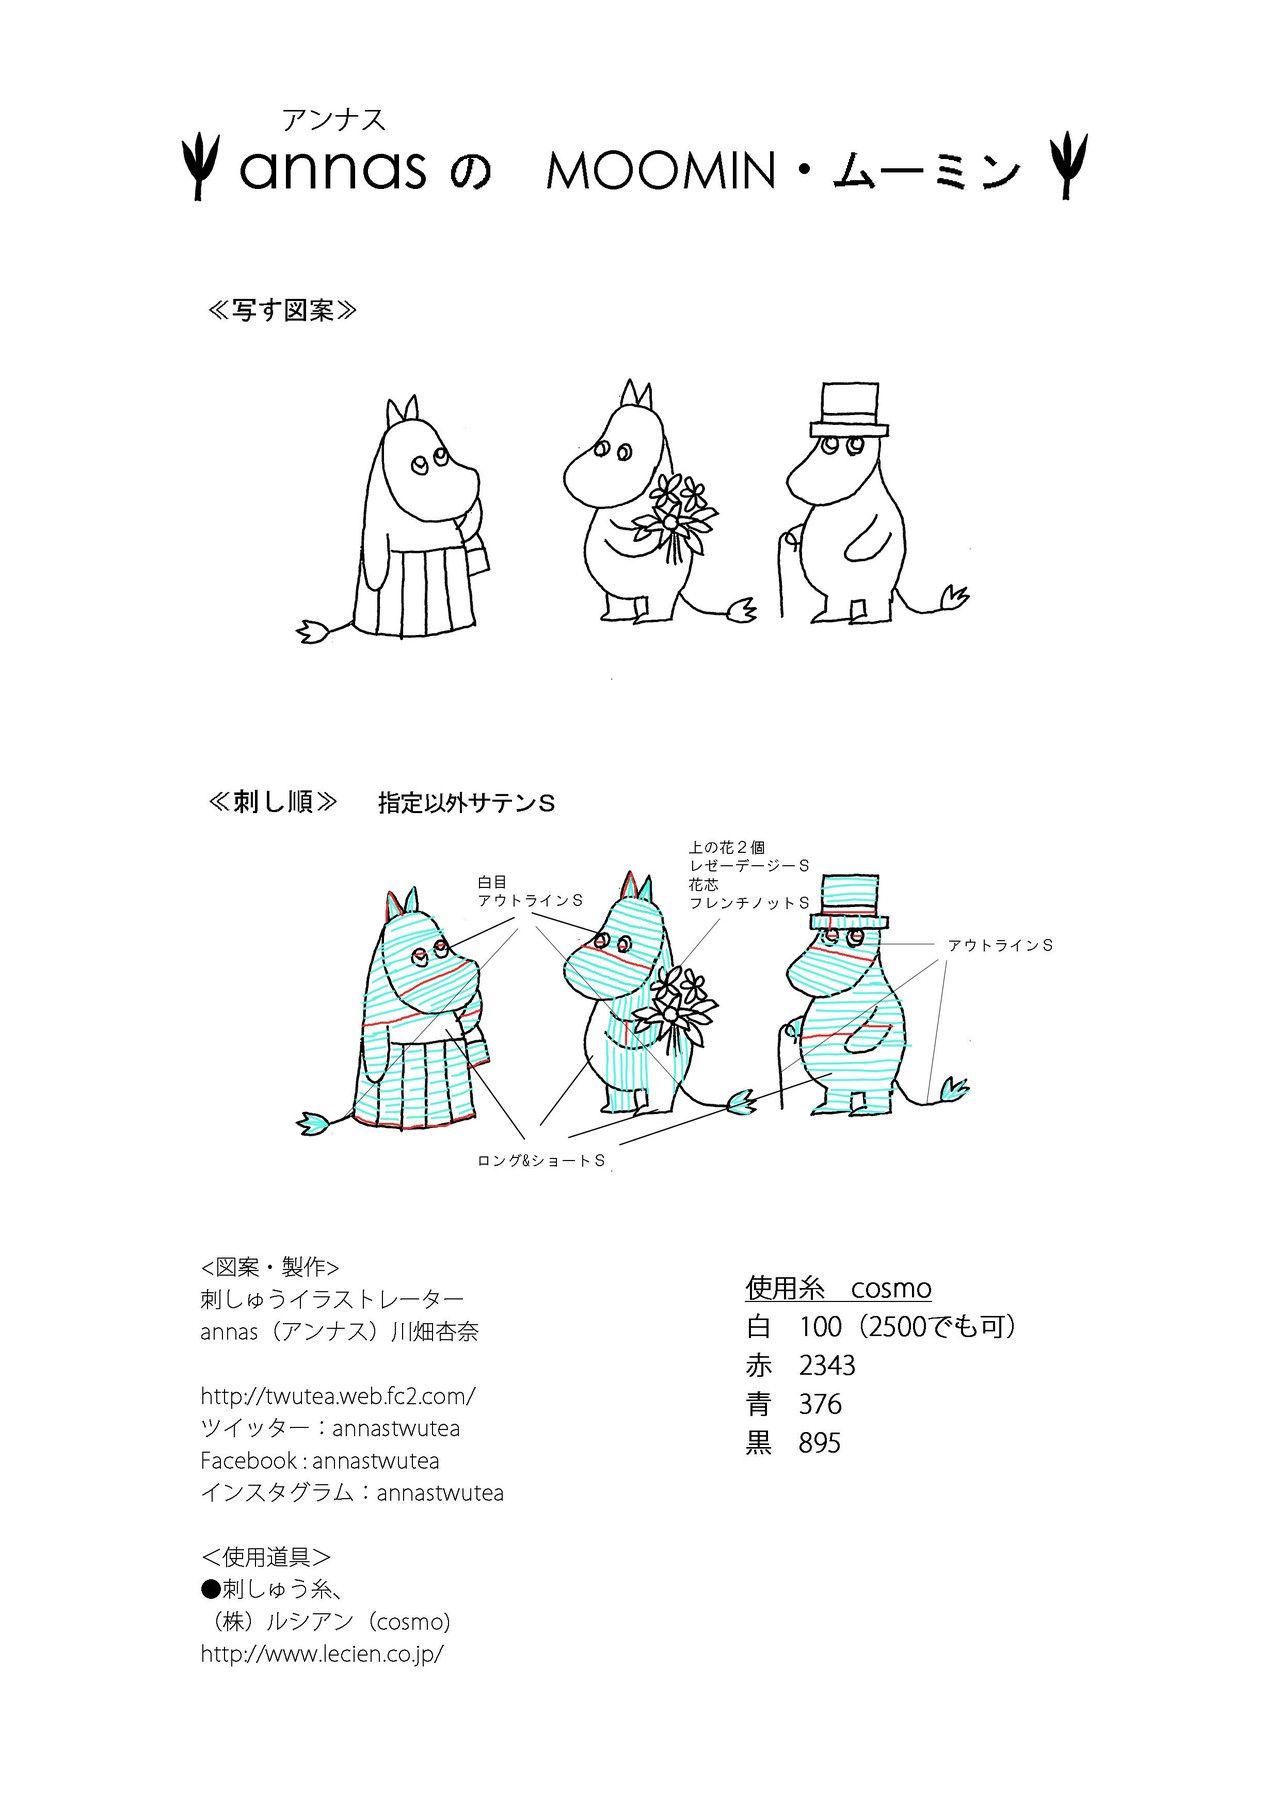 アナと雪の女王 刺繍完成 無料図案と製作動画は近日中にアップロード